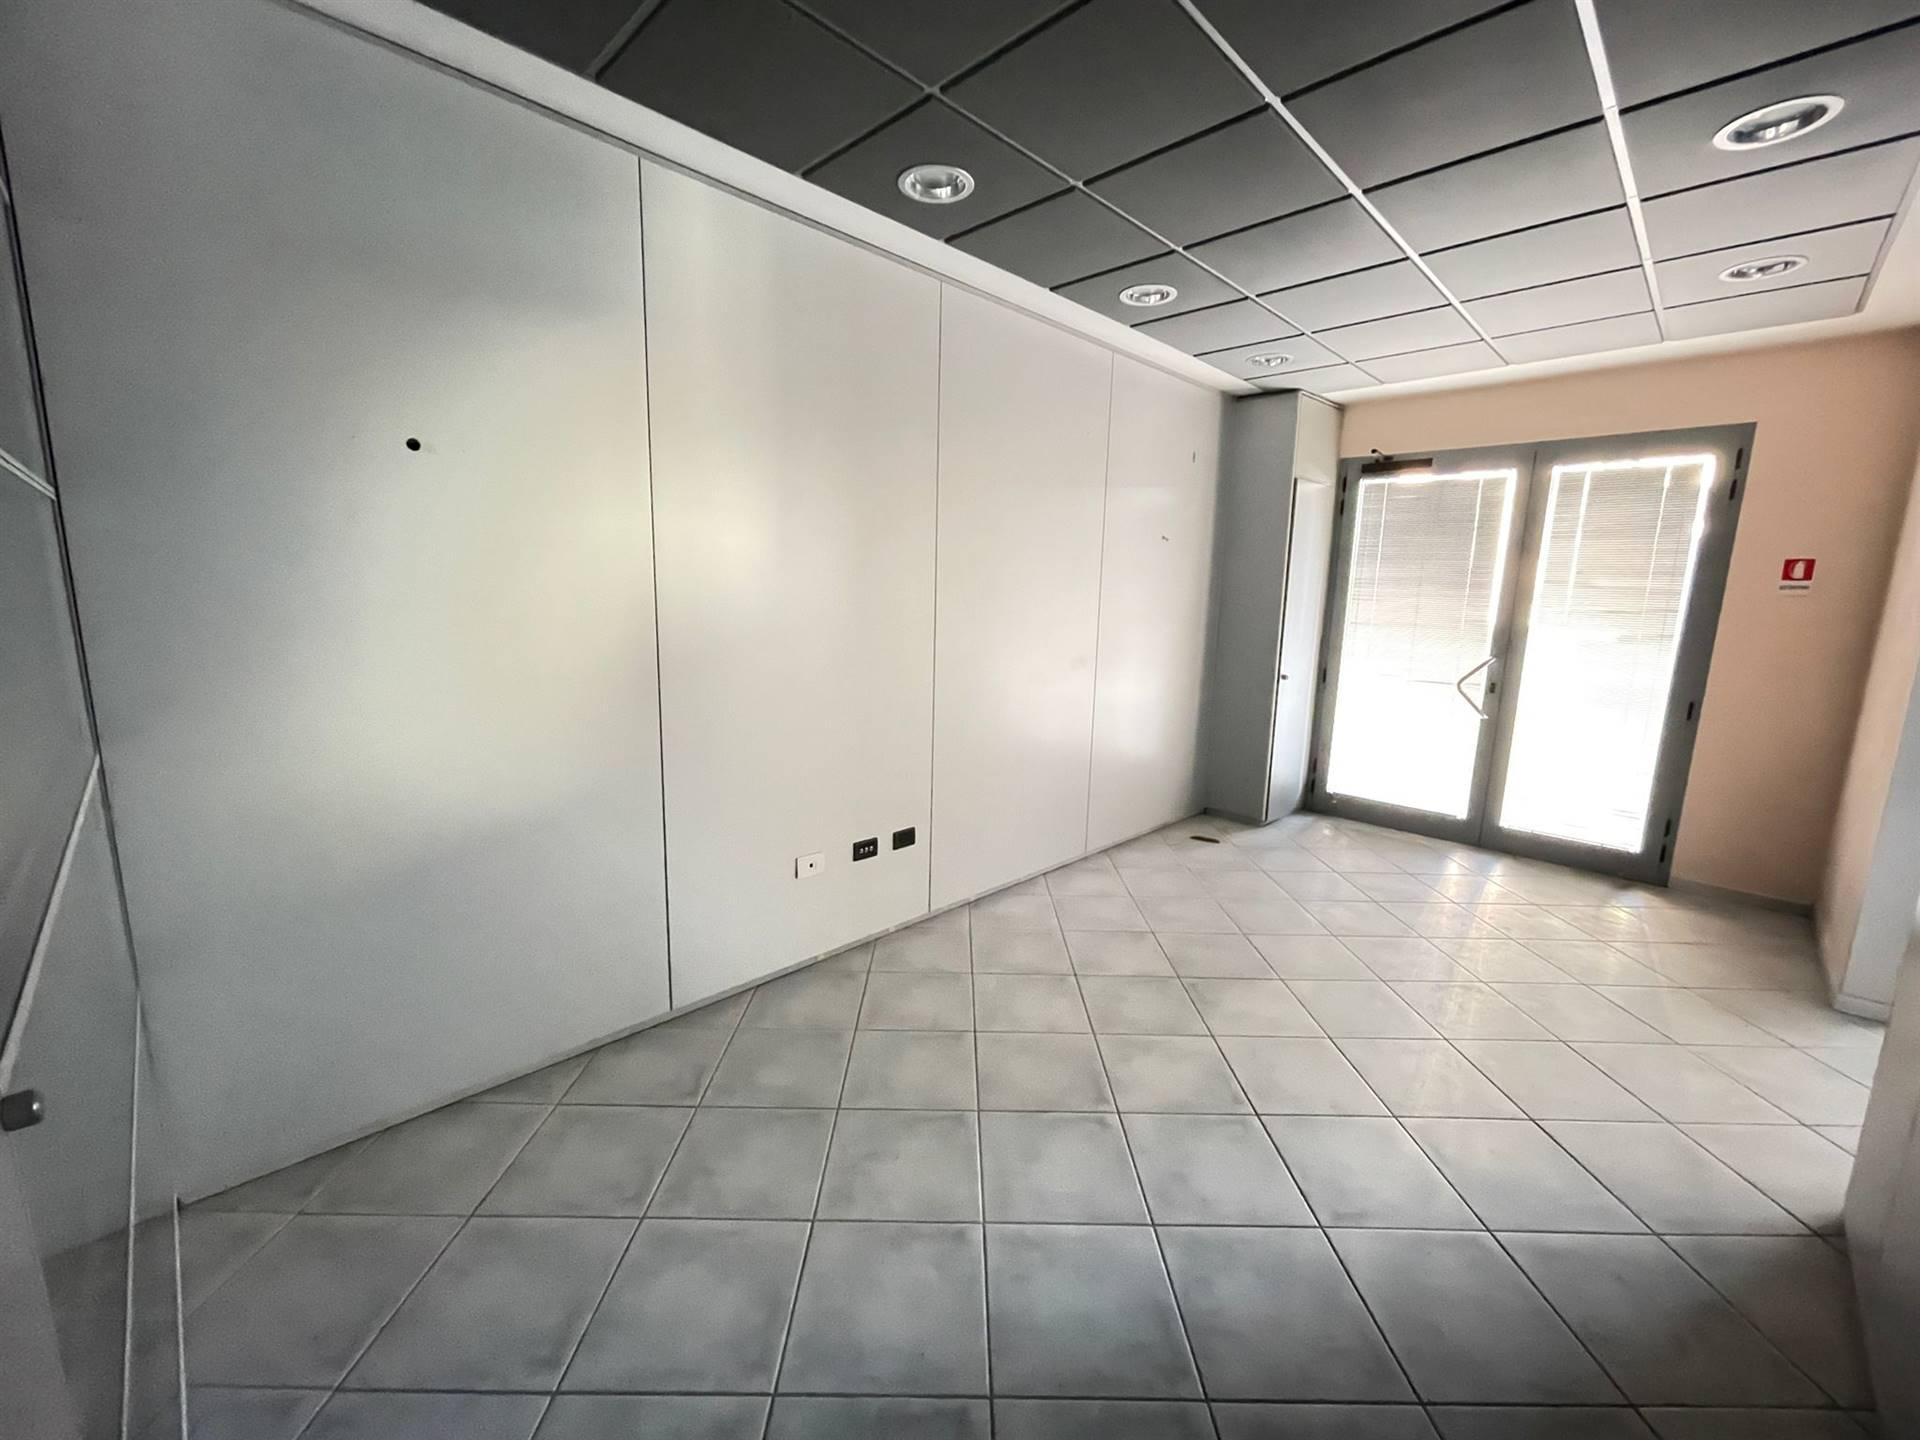 Rif. B305 SOTTOMARINA - Affittasi in zona di forte passaggio ufficio di 95 m. al piano rialzato composto da: ingresso, tre stanze, due bagni,